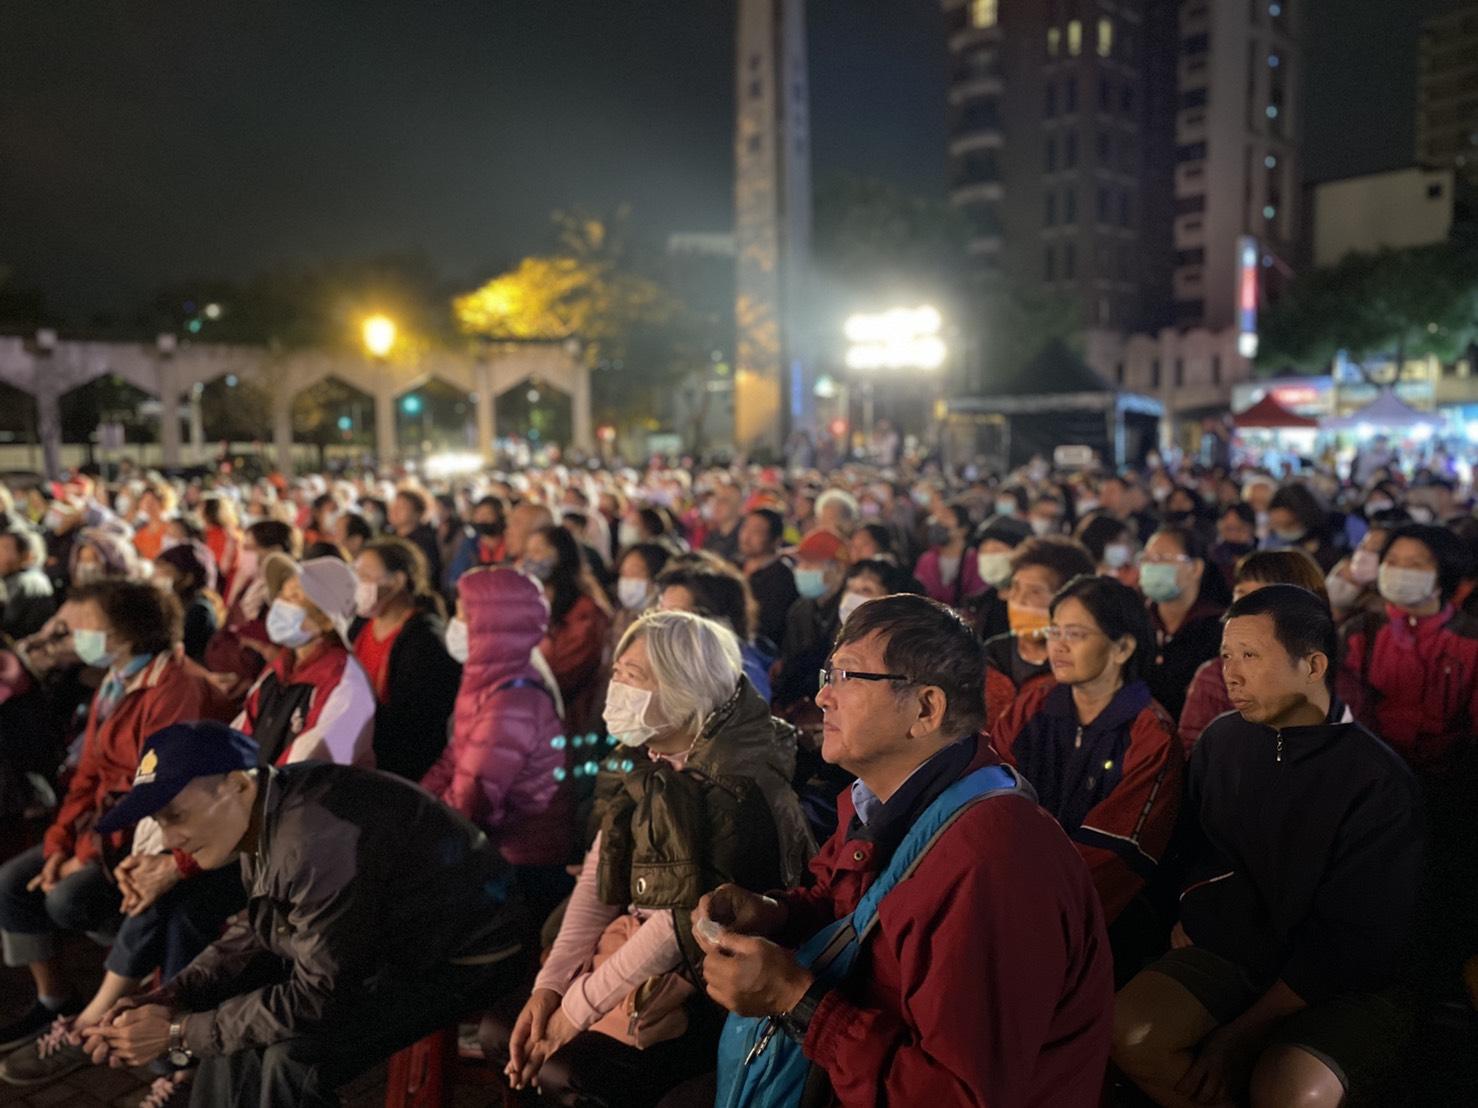 附近民眾熱烈參與,現場座無虛席。